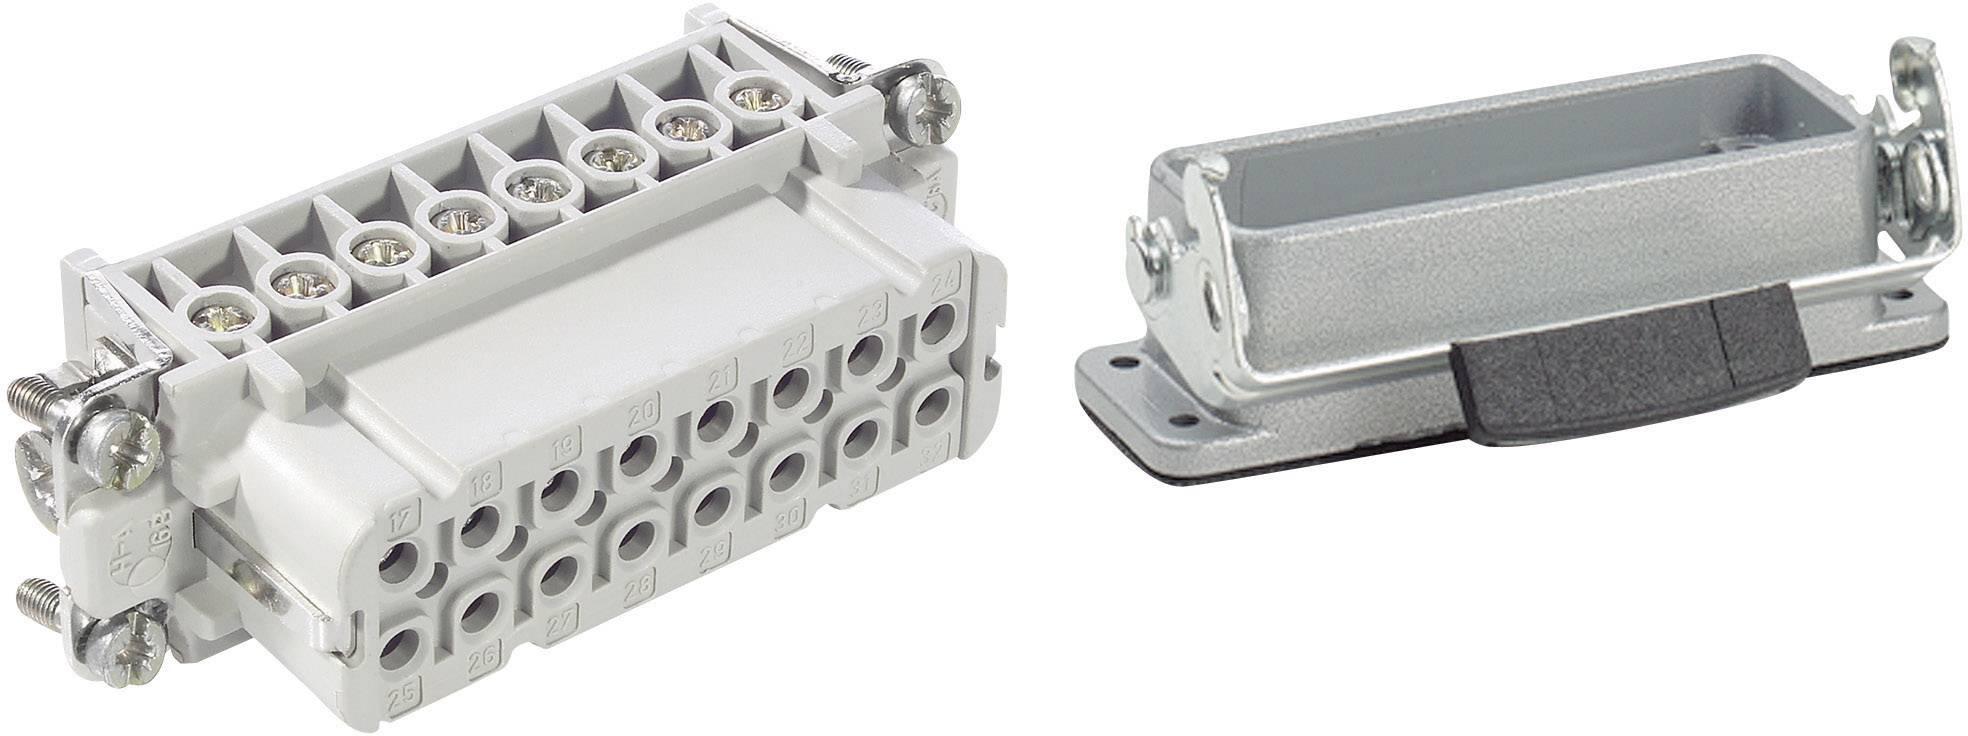 LappKabel EPIC® KIT H-A 16 BS AG (75009632), IP65, 1 set, šedá